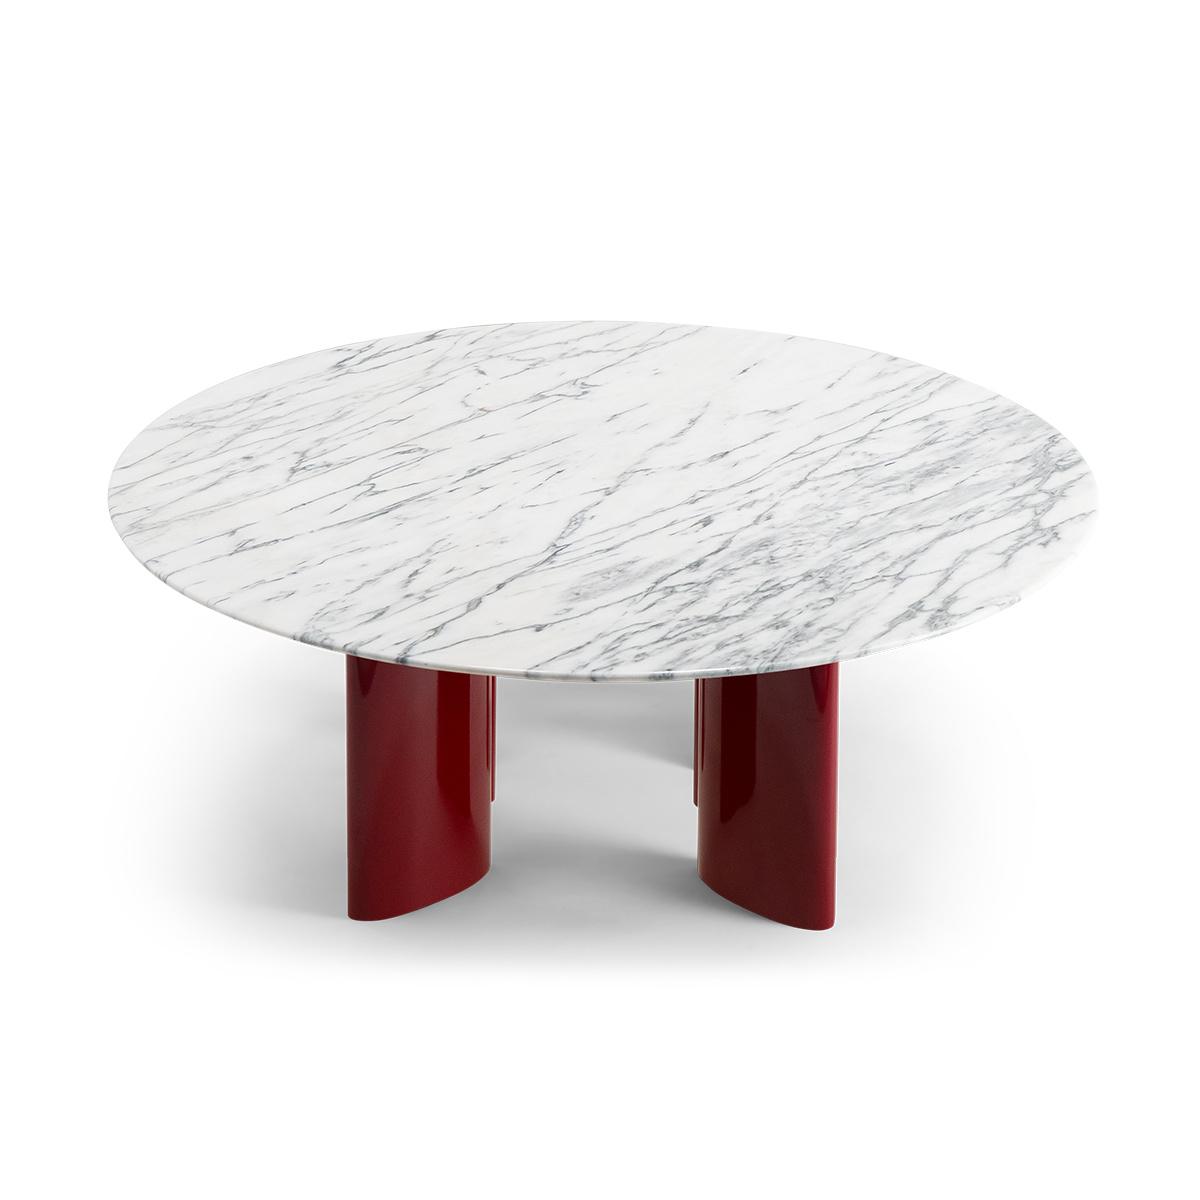 Table basse Carlotta pieds laques rouge et marbre blanc